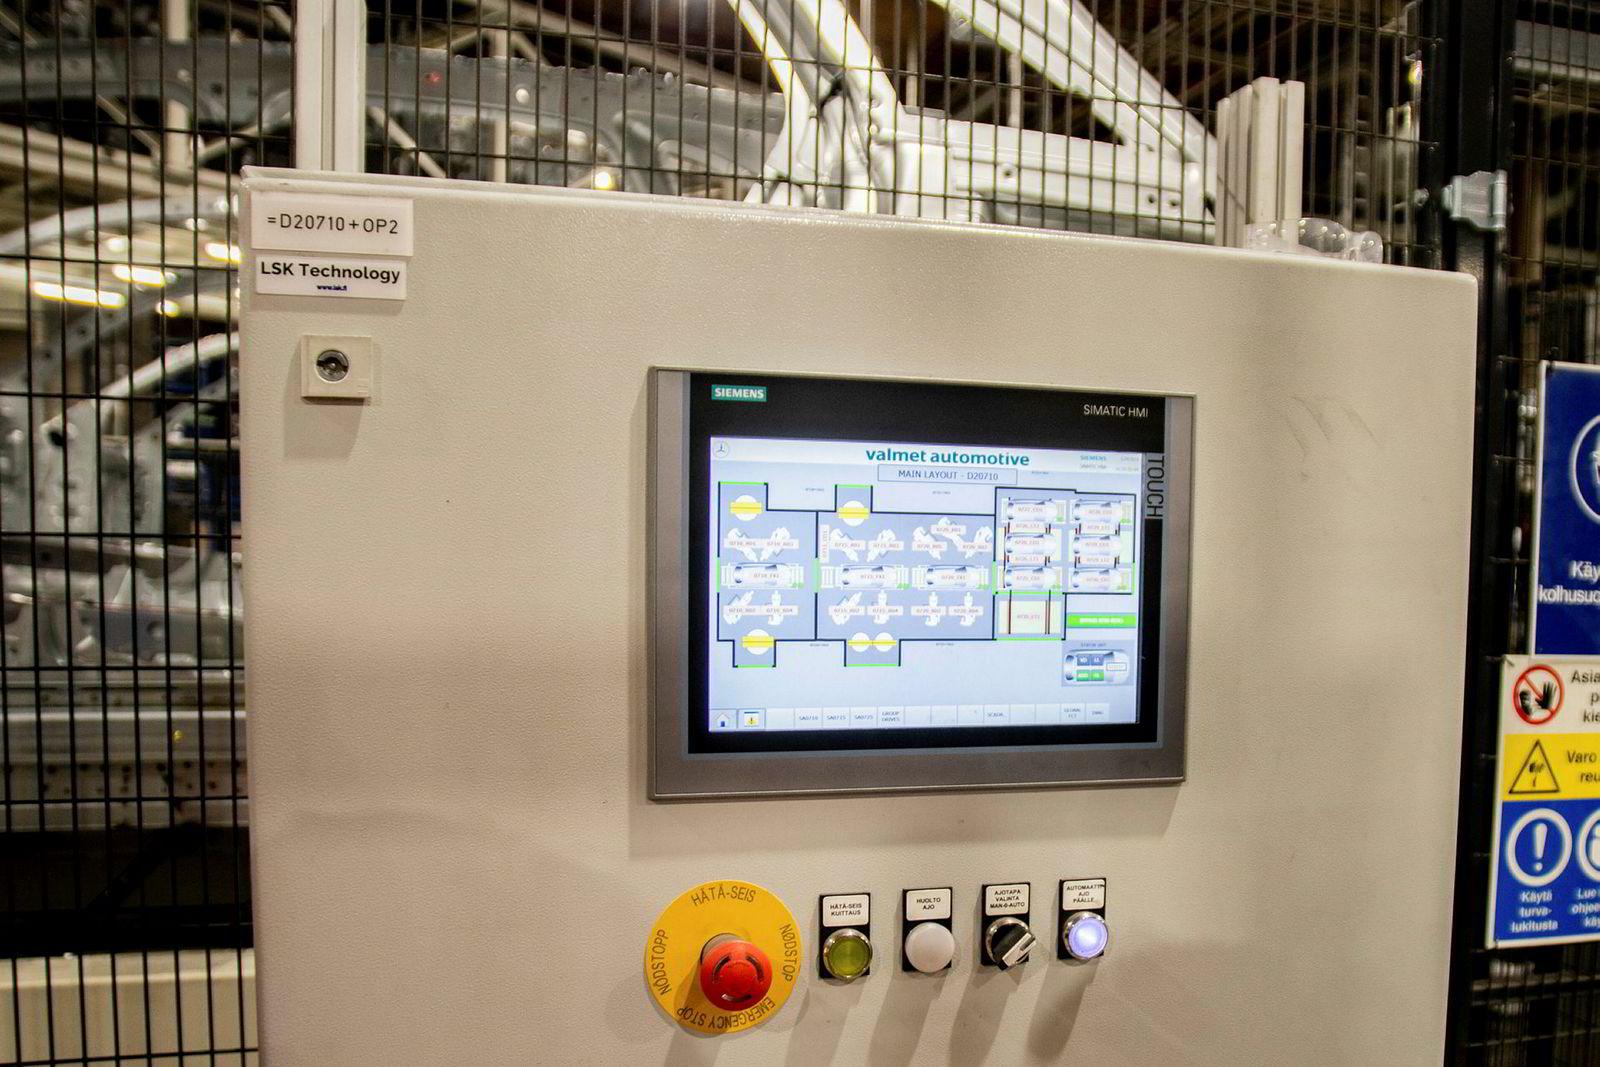 Overvåkningen av produksjonen som blir gjort av brukergrensesnitt-panelet for kontrollsystemet basert på Siemens' TIA-portal er essensiell for å raskt få rettet opp feil i produksjonen.